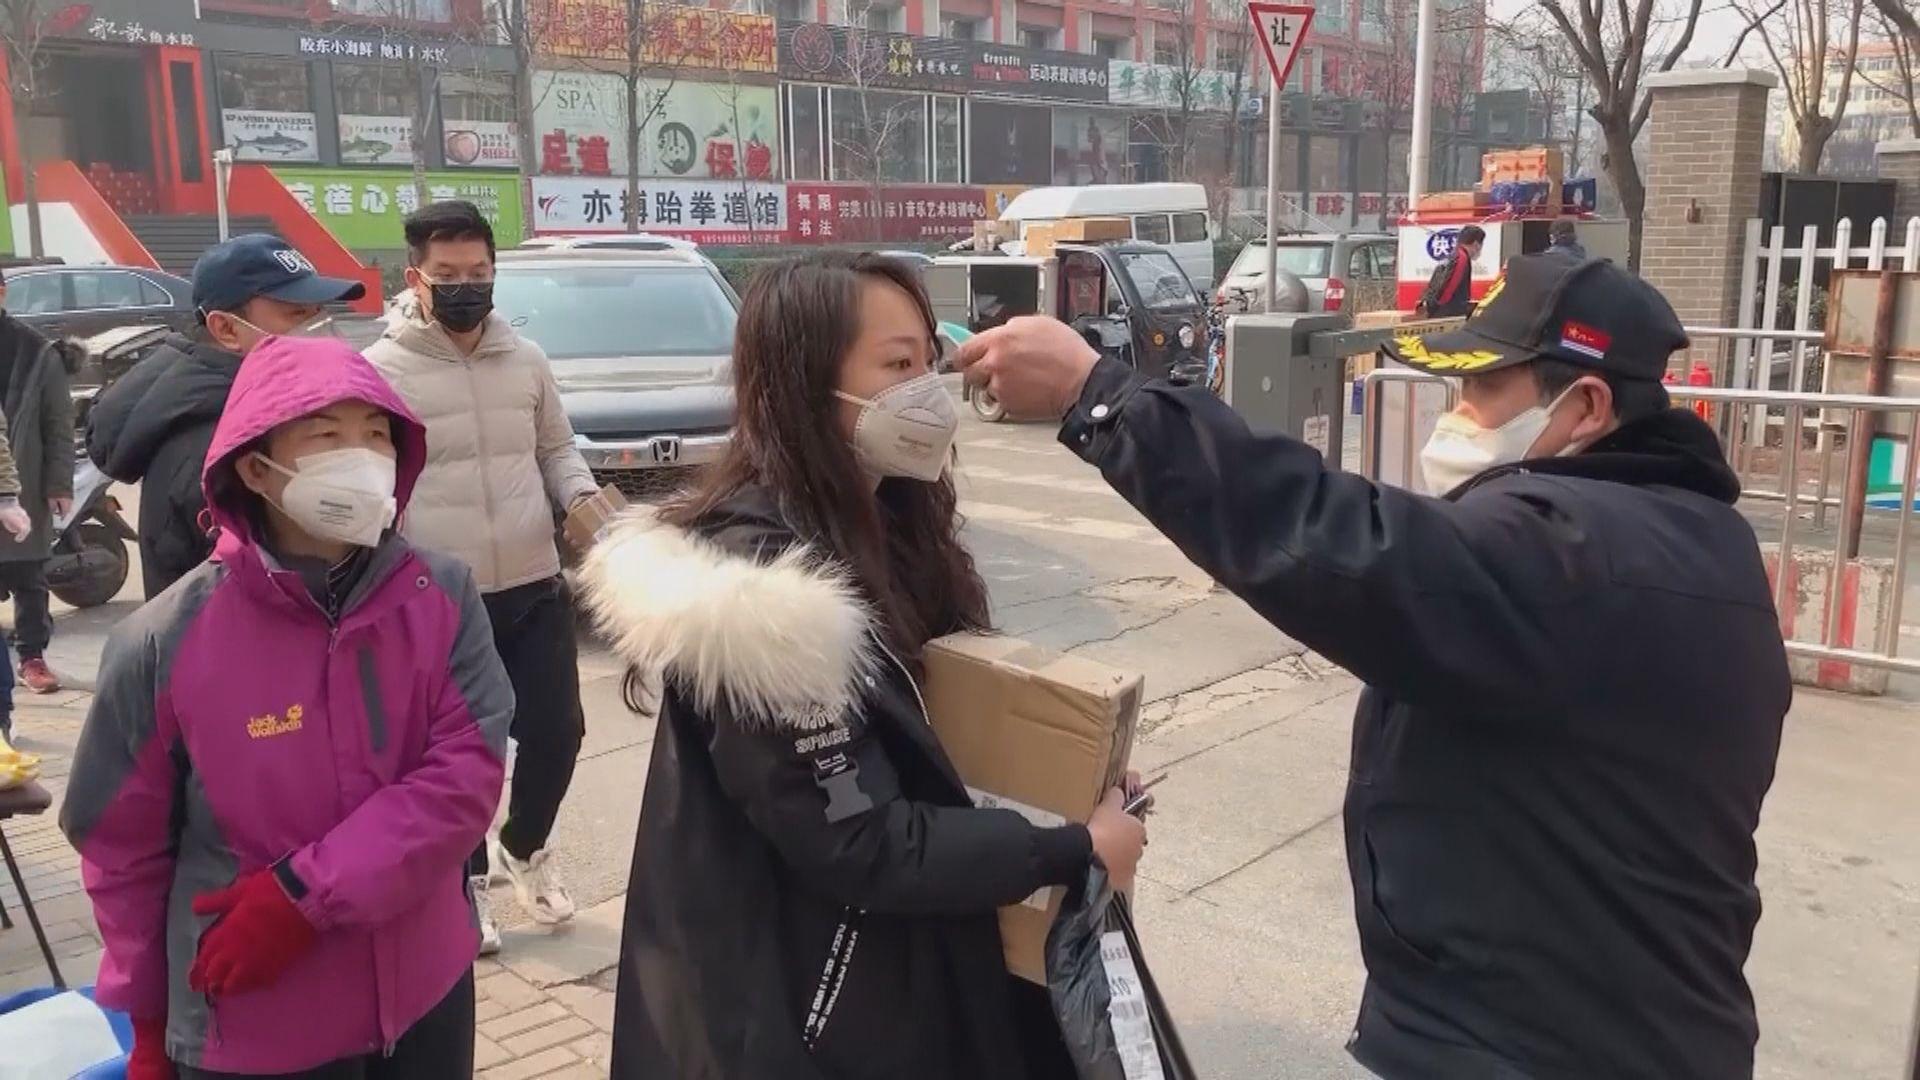 武漢和南韓呈現疫情反彈迹象 令人憂慮應否放寬限制